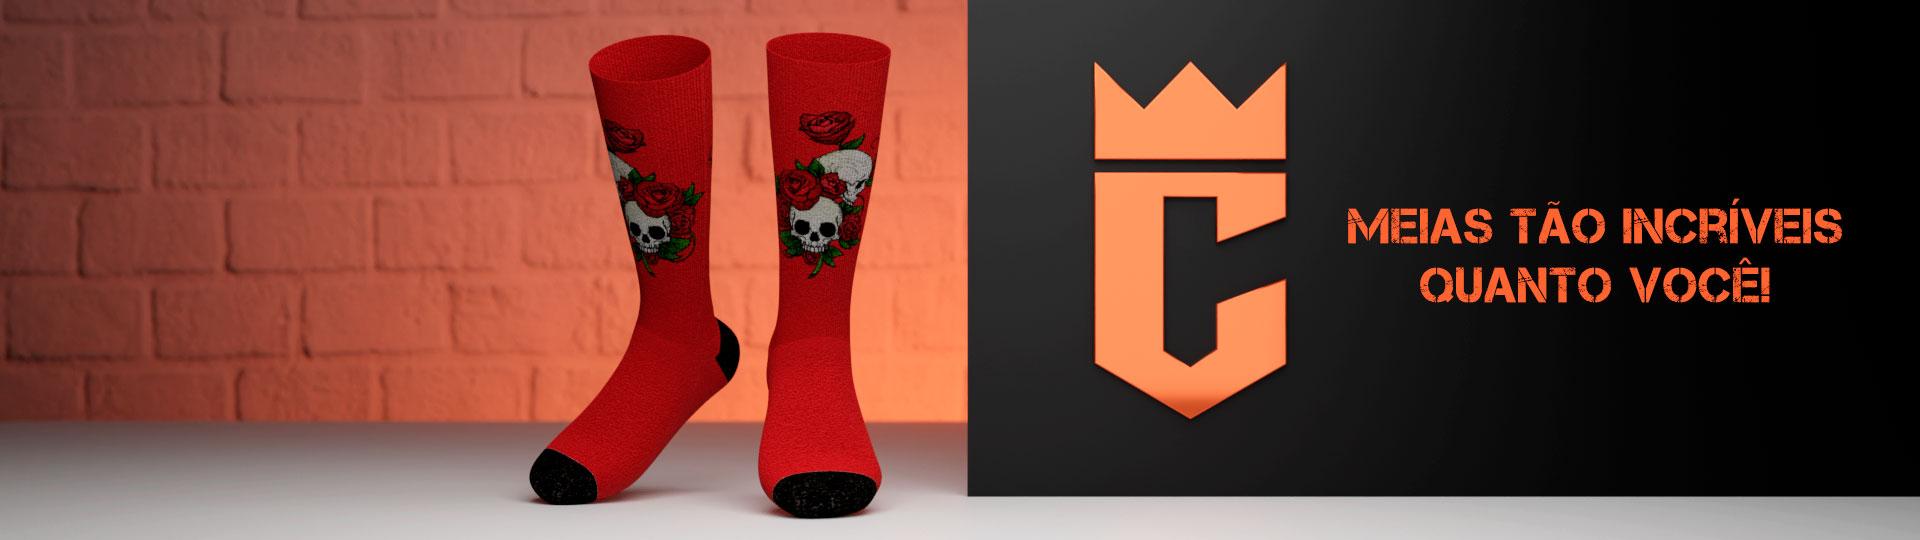 C-SOX fábrica de meias em SP